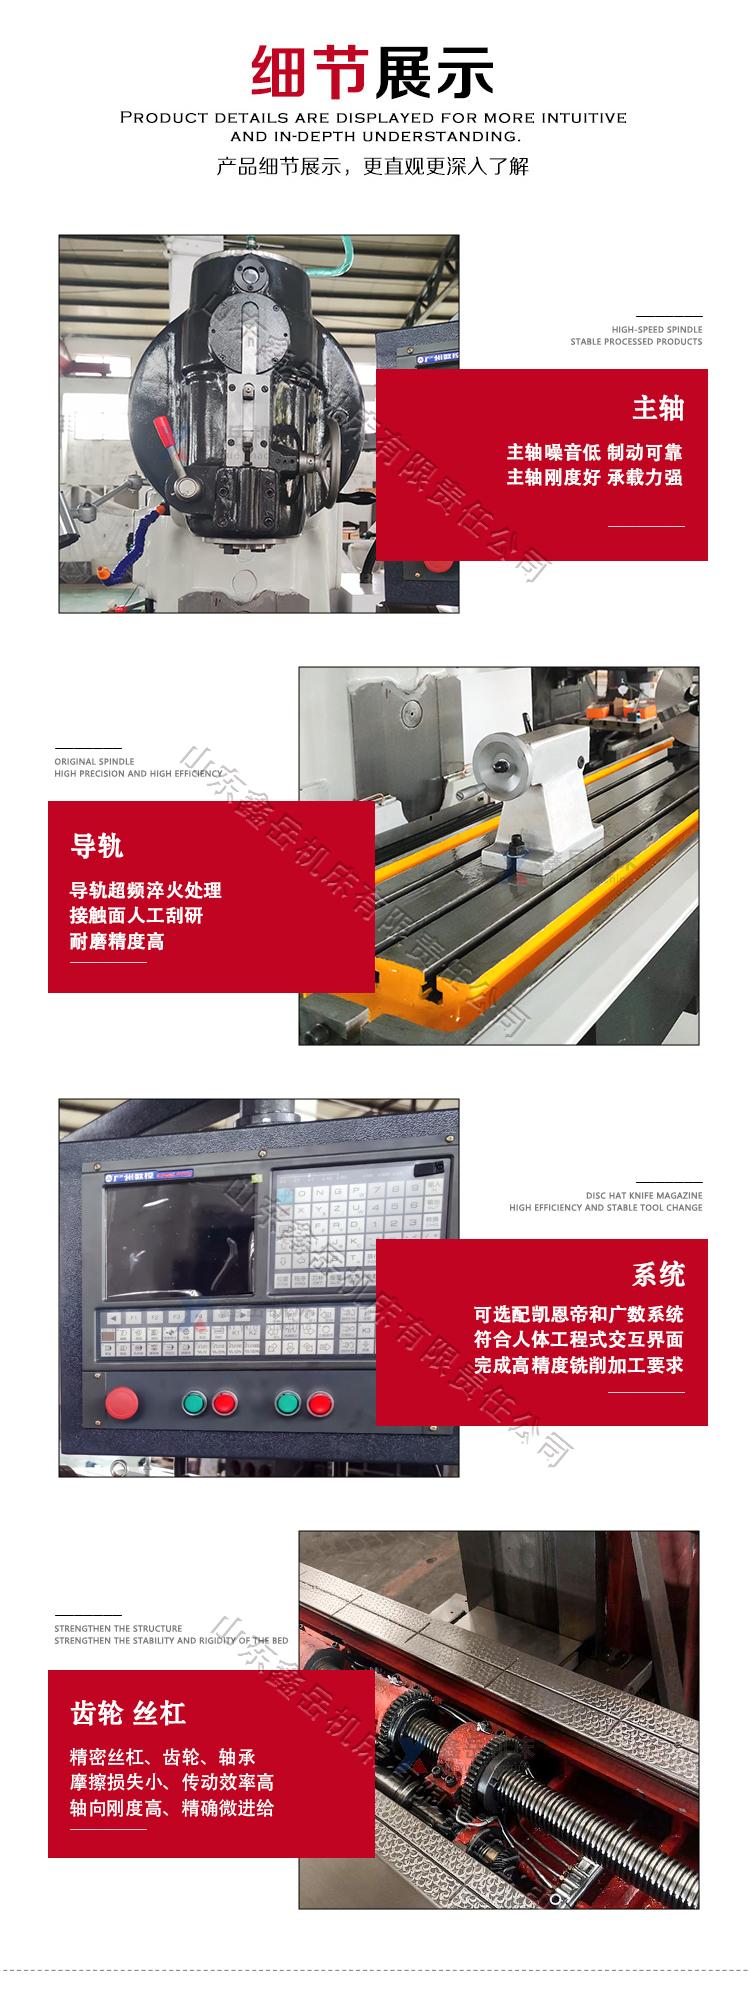 XLK5030数控铣床细节图